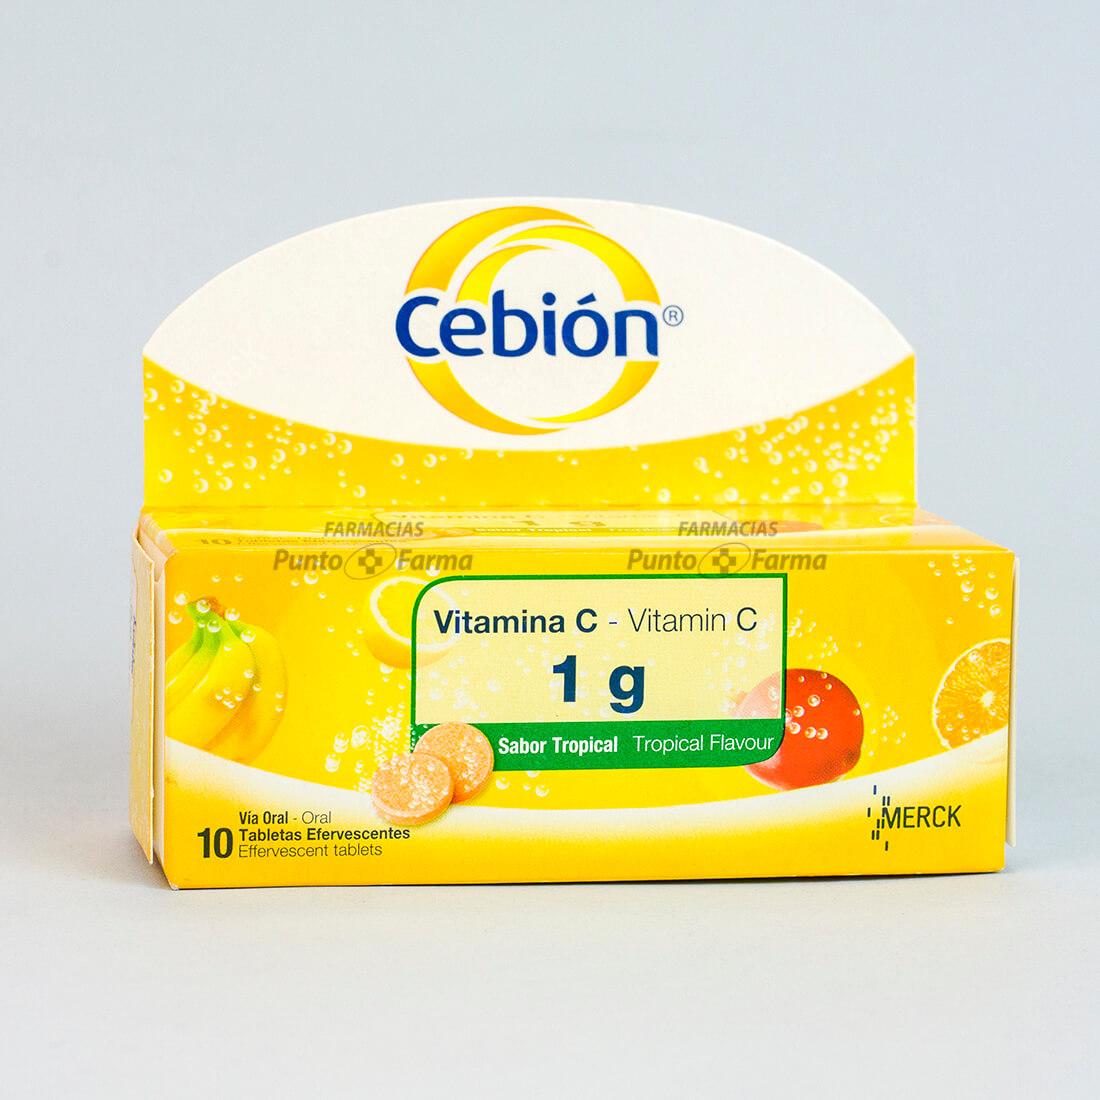 CEBION VIT C NJA TABEF1gx10TAB